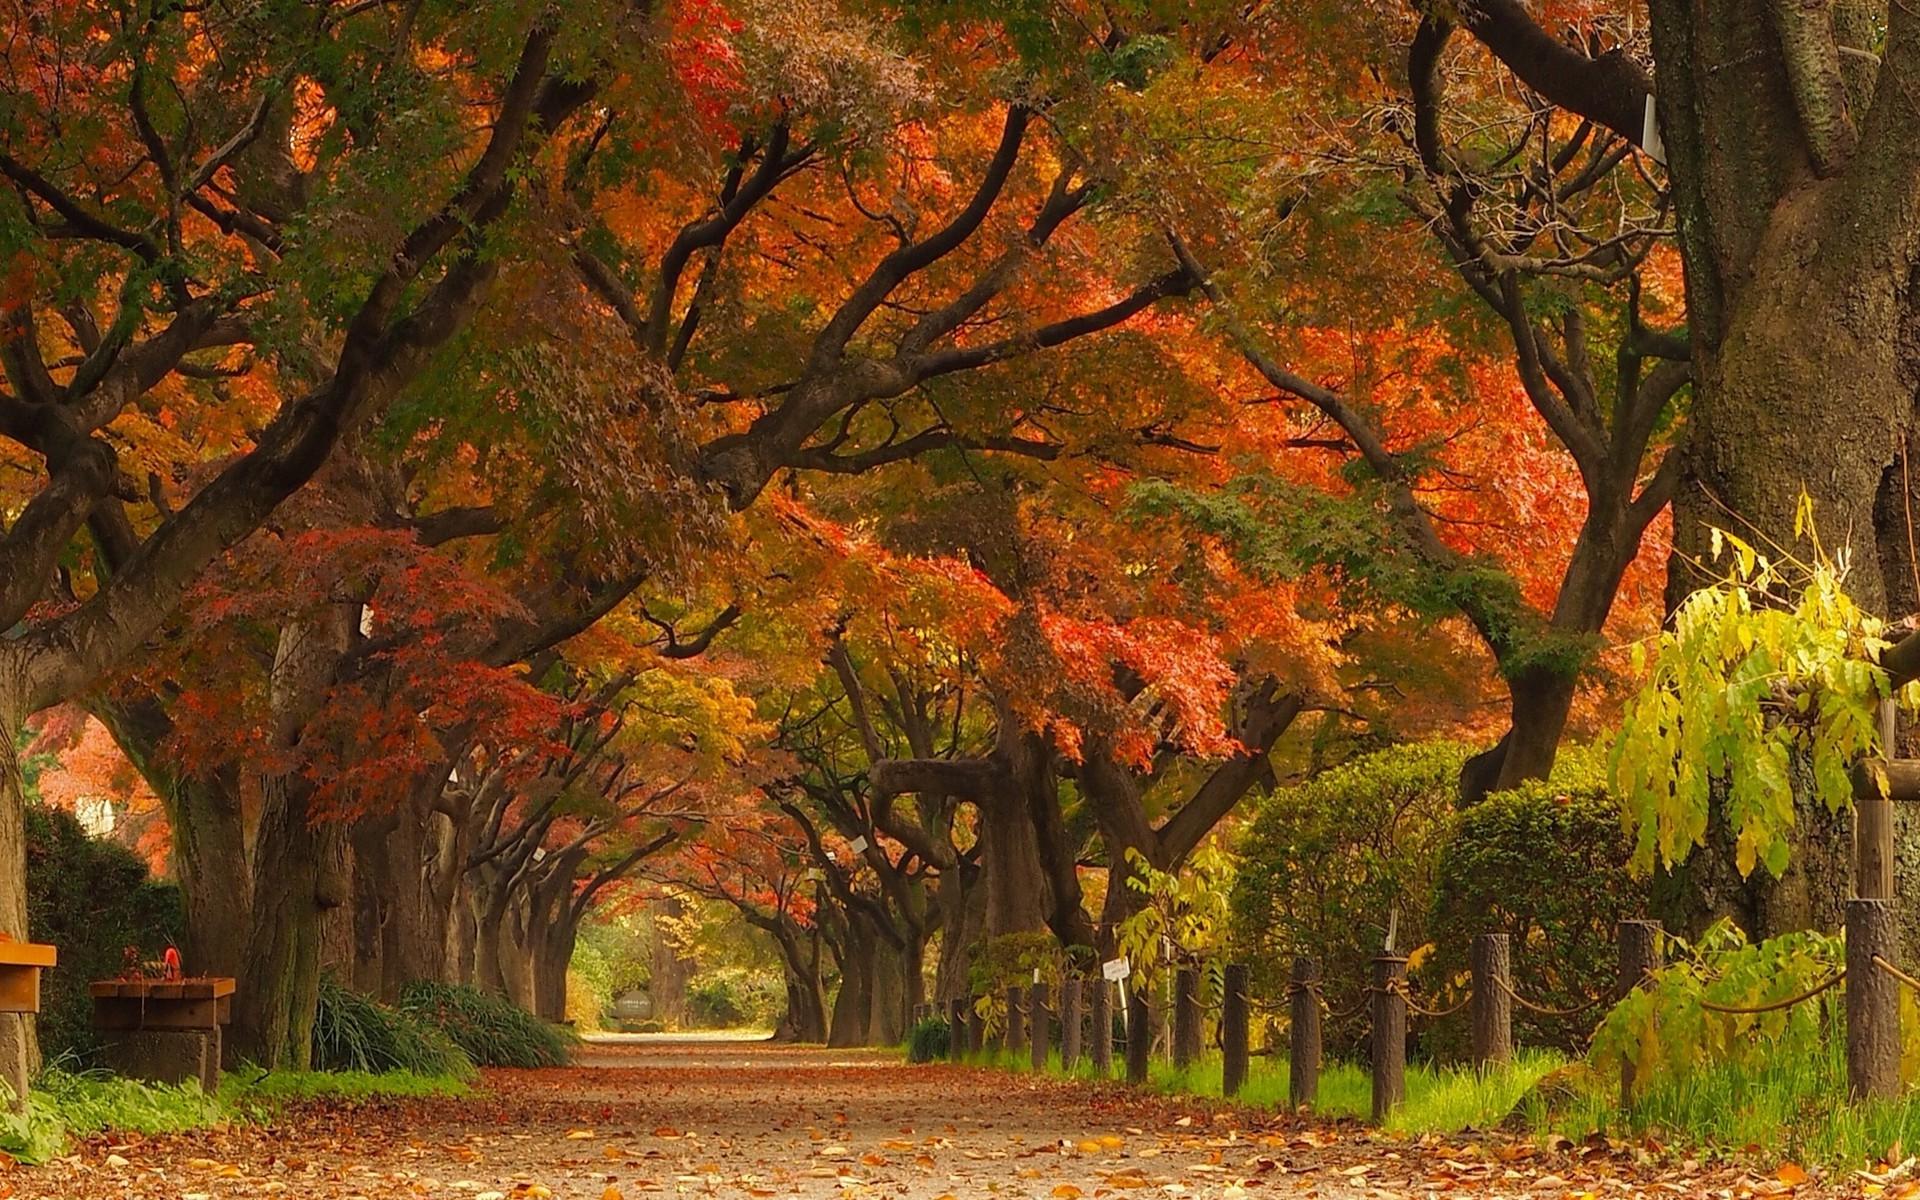 Hüzün Mevsimi şiirleri, Hazan Şiirleri, Sonbahar şiirleri,hüzünlü şiirleri, Yaprak Dökümü şiirleri, Duygusal şiirler,Aşk Şiirleri